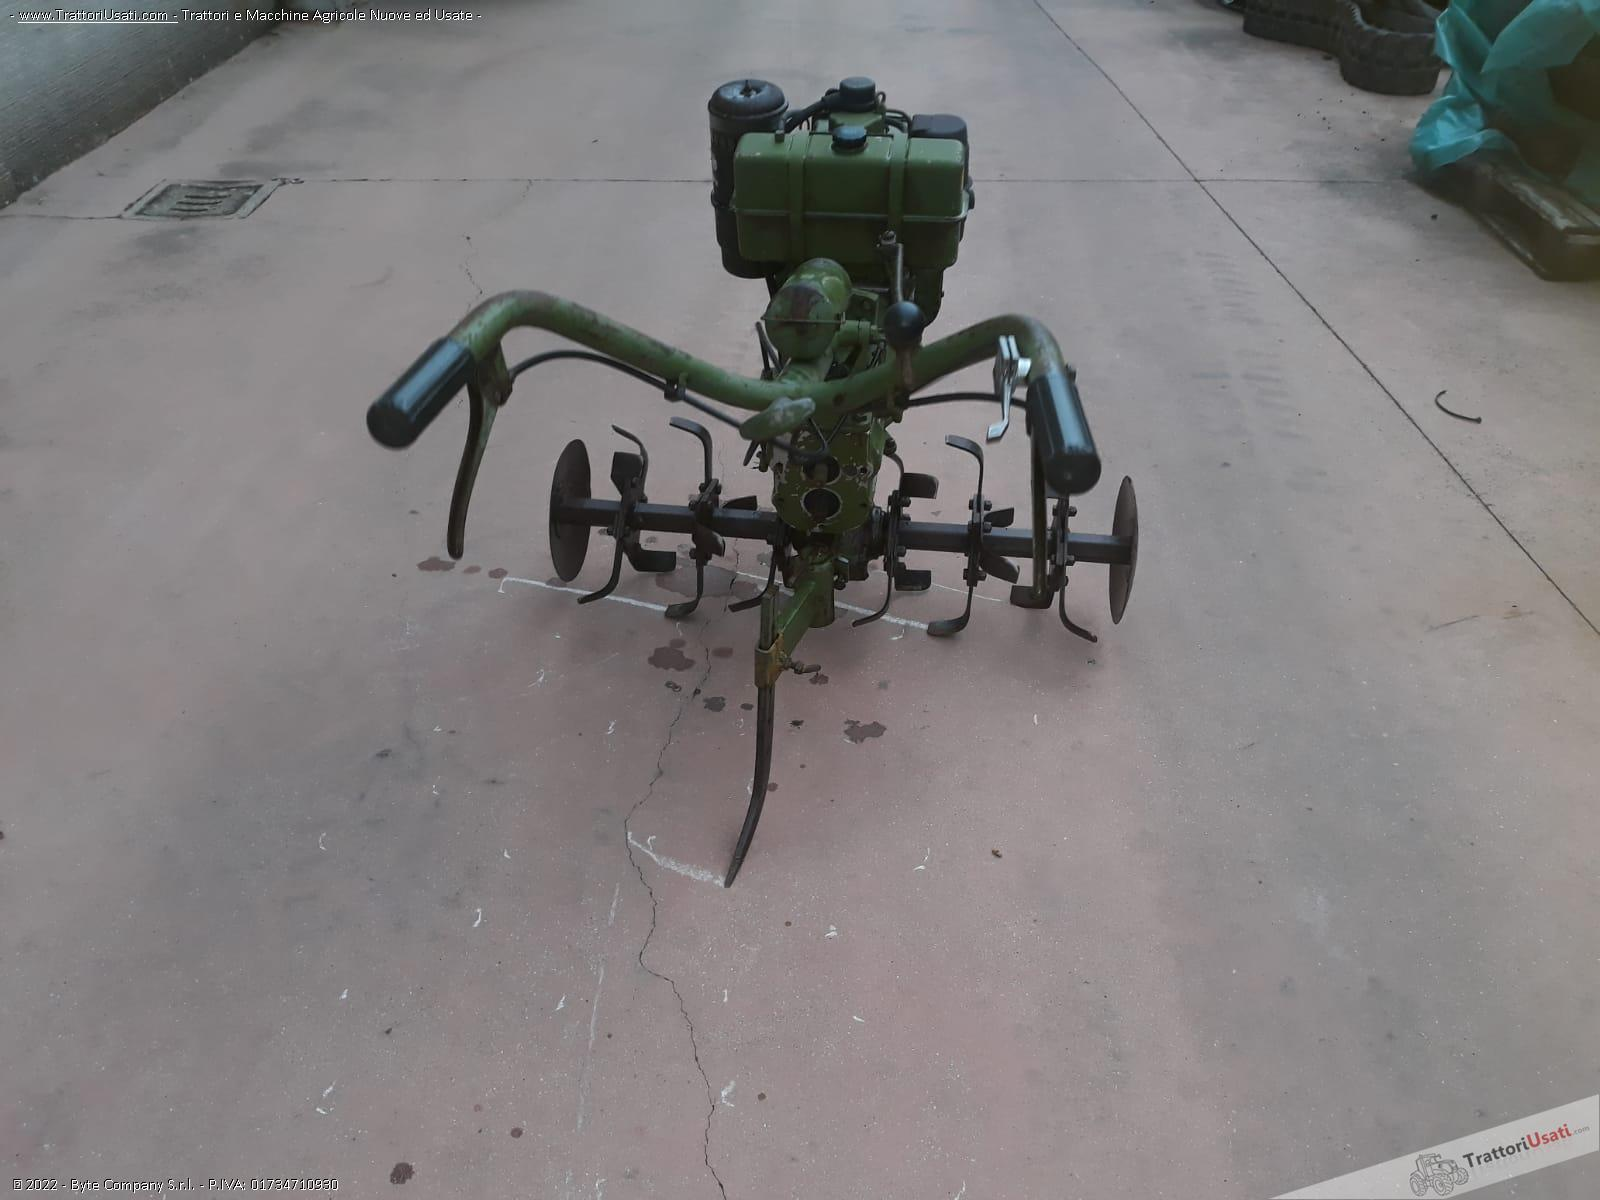 Motozappa lombardini - 10 hp funzionante 2